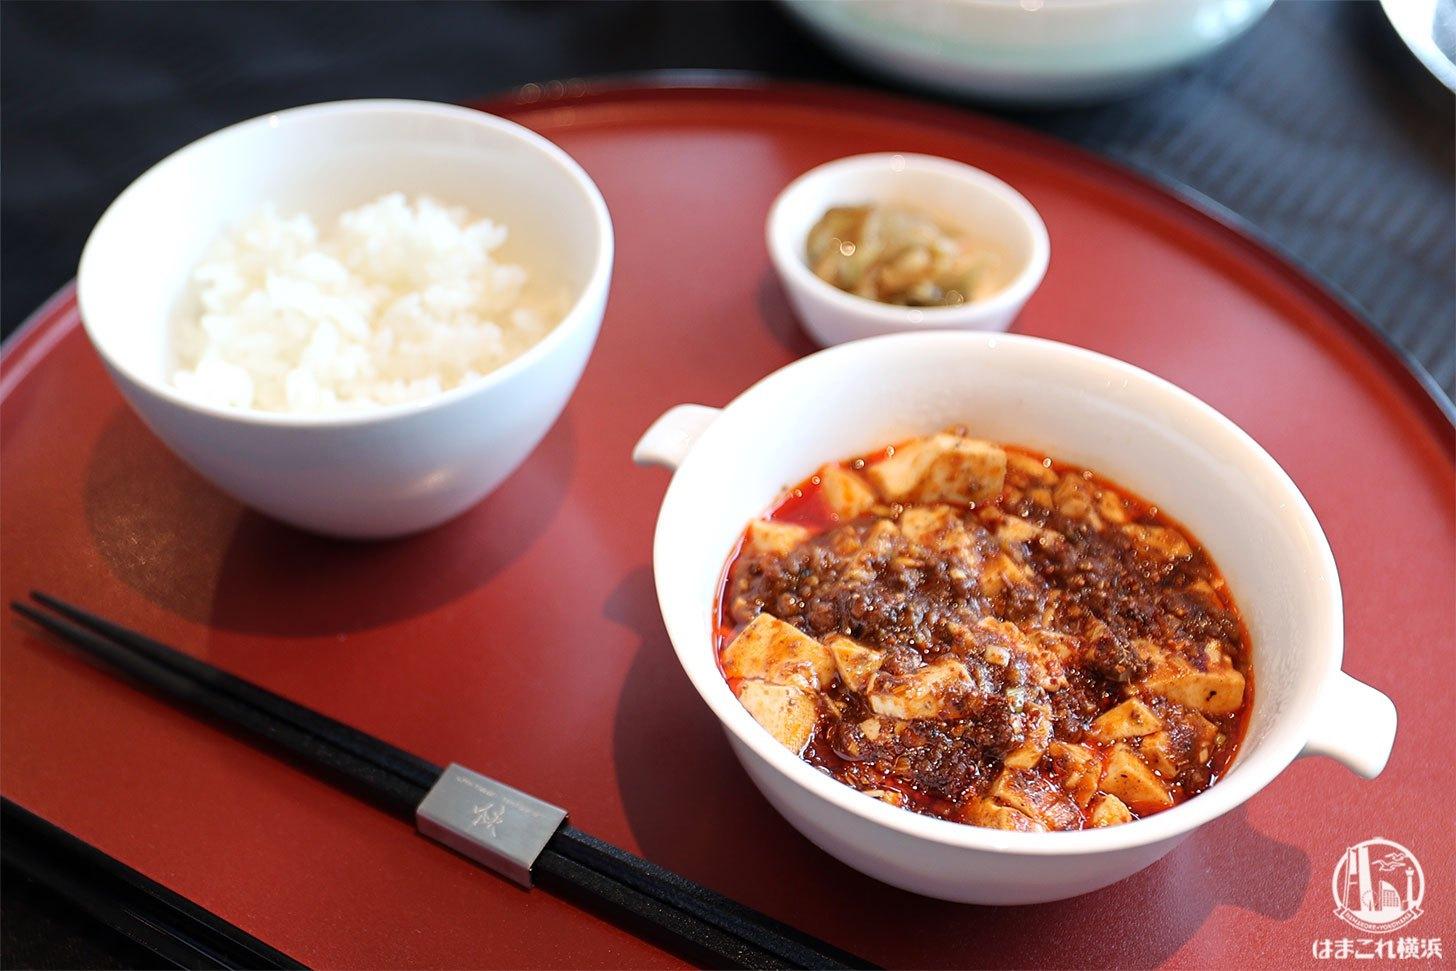 スーツァンレストラン陳は横浜みなとみらいの眺望魅力の中国料理店!横浜ベイホテル東急